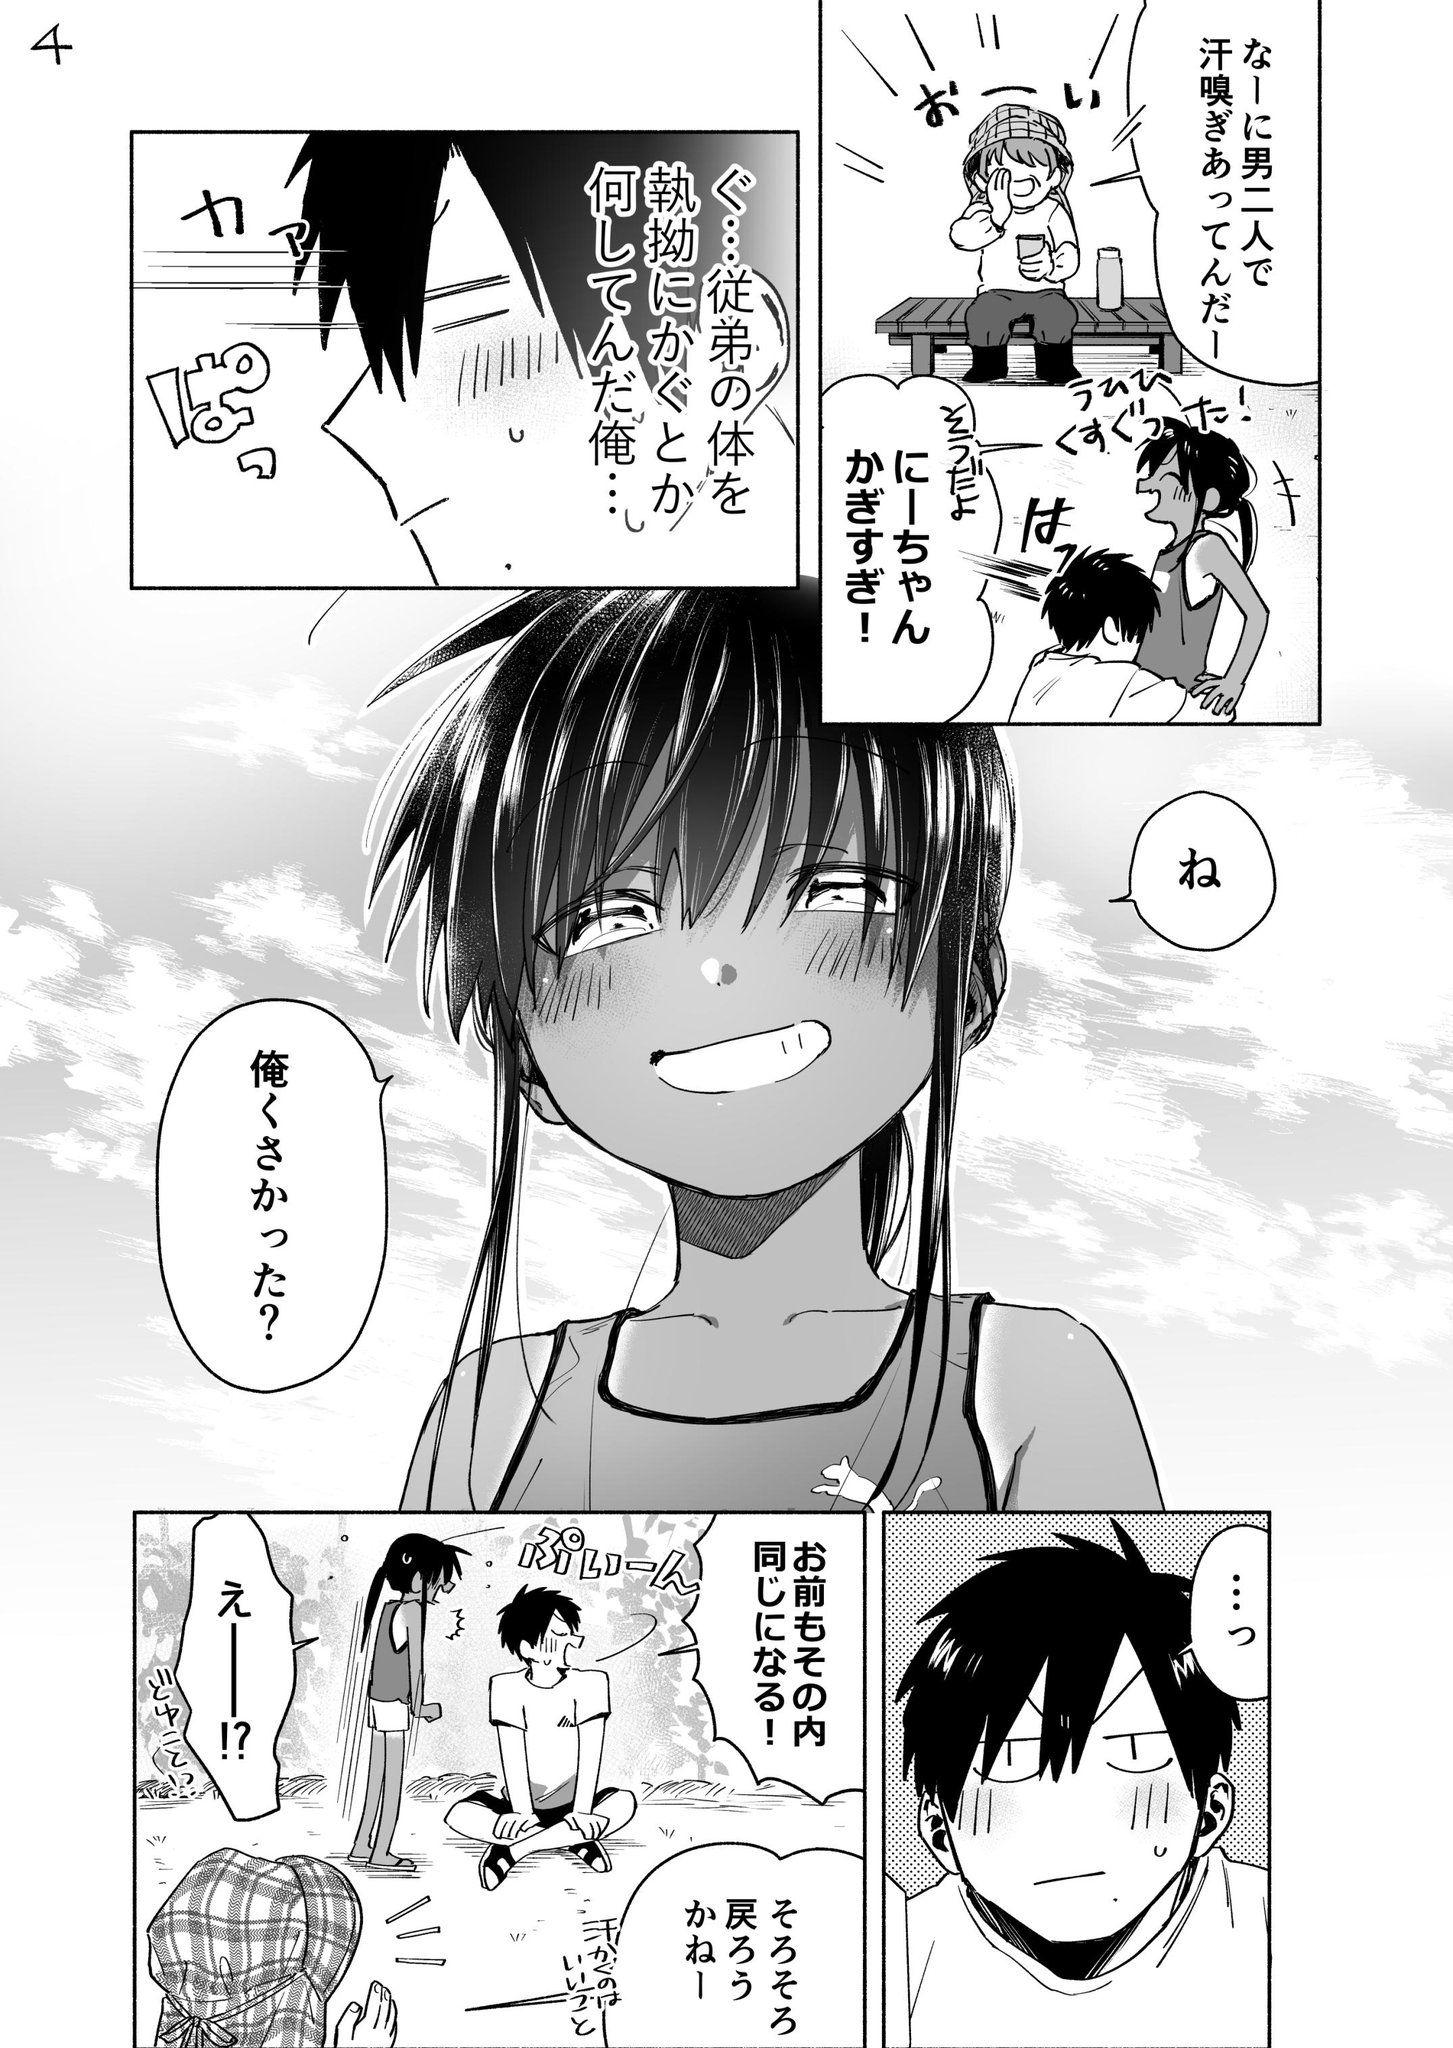 びみ太 ポニテショタ単行本発売中 on twitter アニメコミック オリジナル 漫画 イラスト 書き方